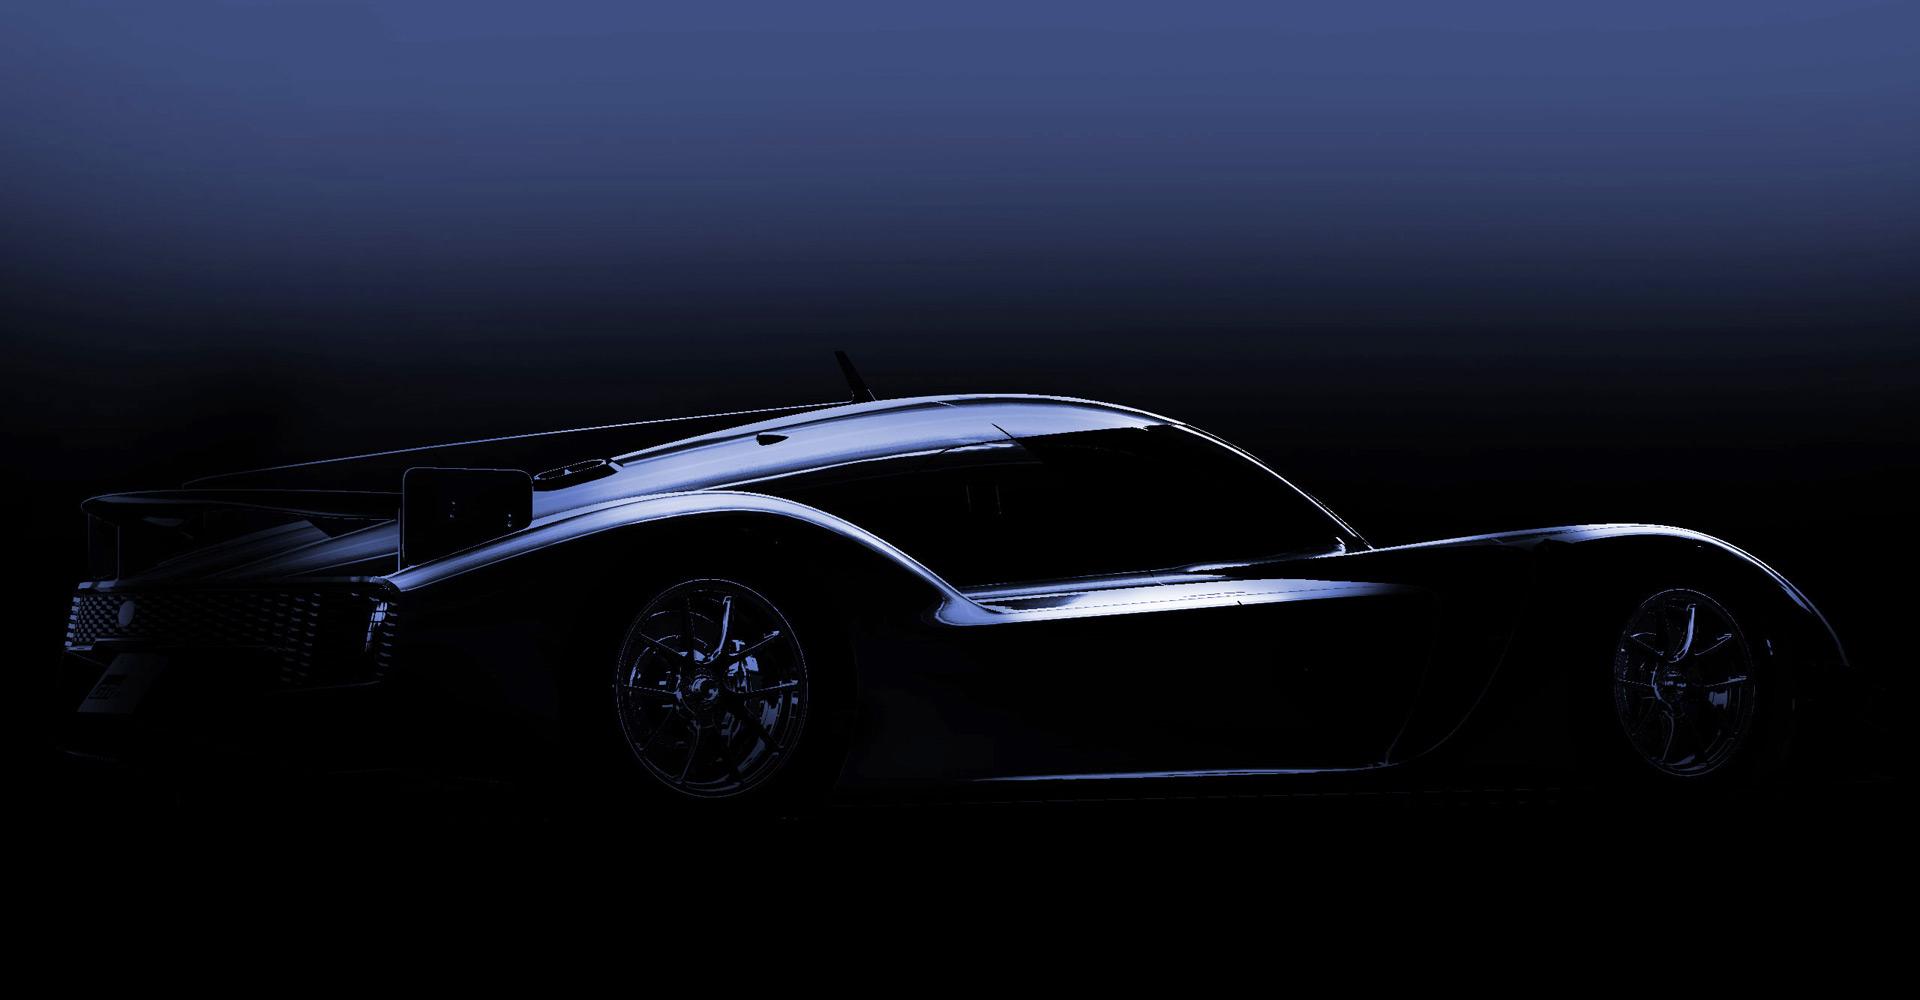 رونمایی تویوتا از یک خودروی اسپرت جدید + تصاویر